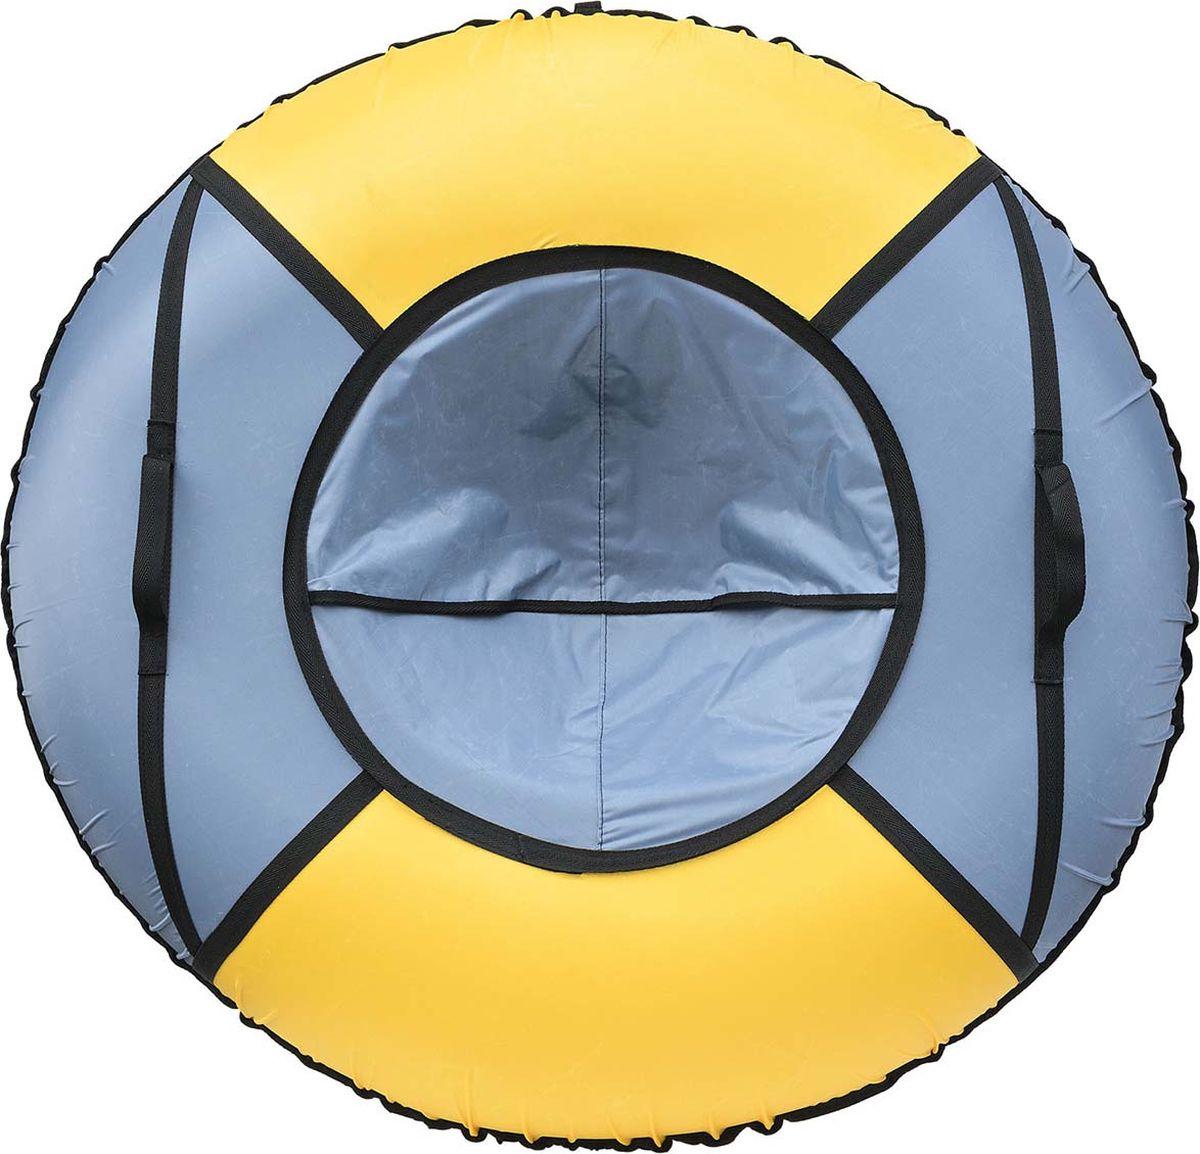 Тюбинг Эх, Прокачу! Эконом-4, цвет: серый, желтый, 85 смСЭ85-4-3Качественные бюджетные санки-ватрушки для катания по снегу из 4 секций * размеры указаны в надутом состоянии * дно изготовлено из ткани ПВХ 630г/м2 * верх изготовлен из ткани Oxford 420гр/м2 * камера российского производства * буксировочный ремень * морозоустойчивость -45 * допускается деформация формы санок из-за неравномерности надутия камеры